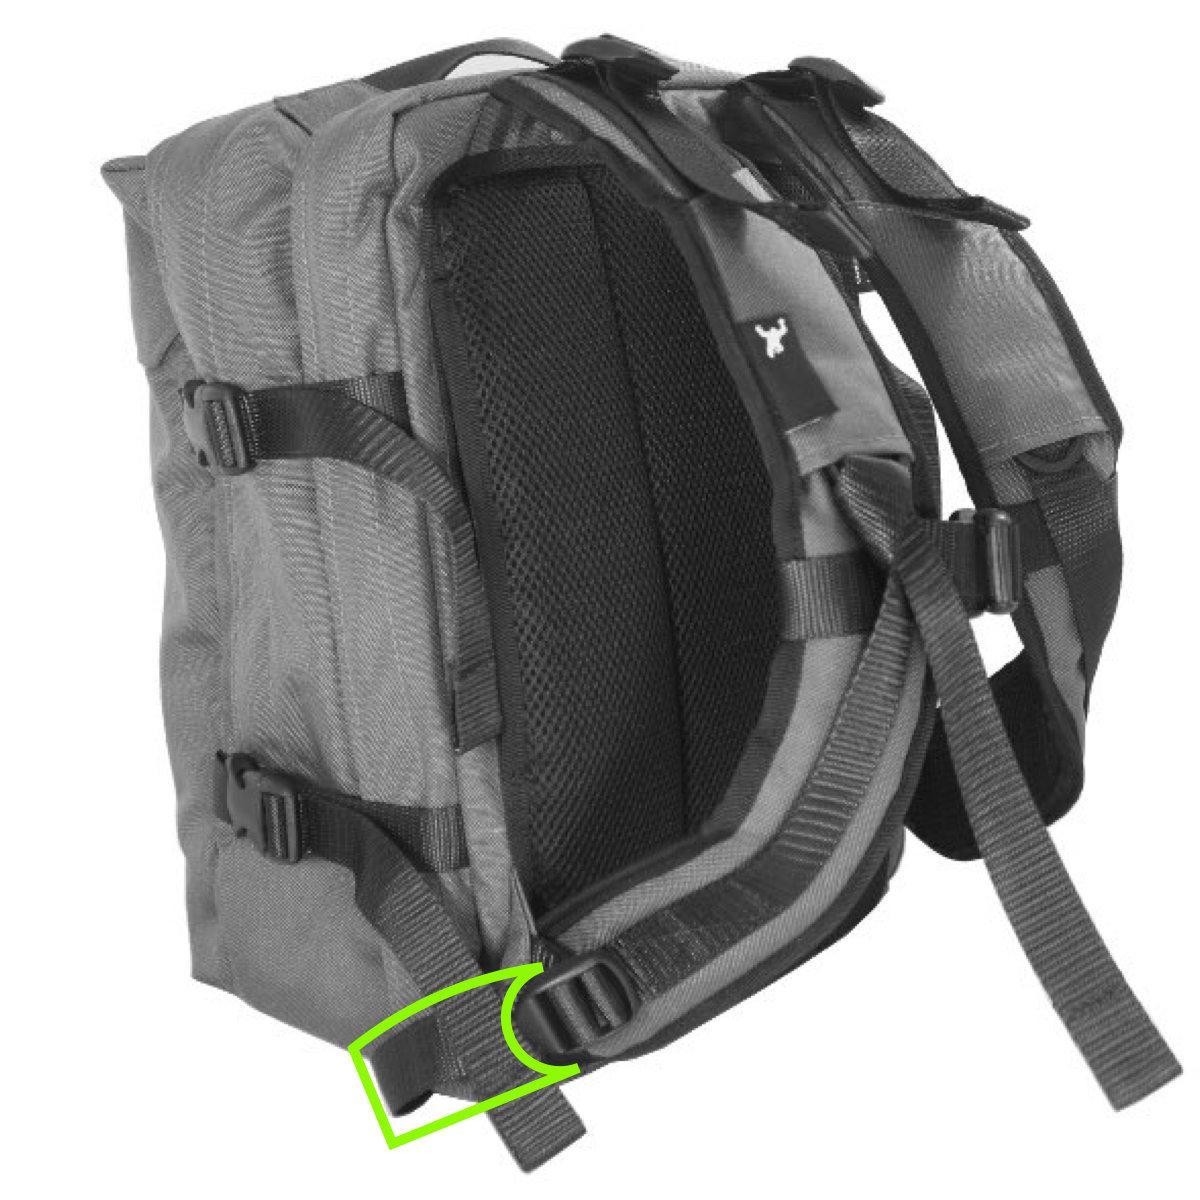 Backpack shoulder strap webbing replacement